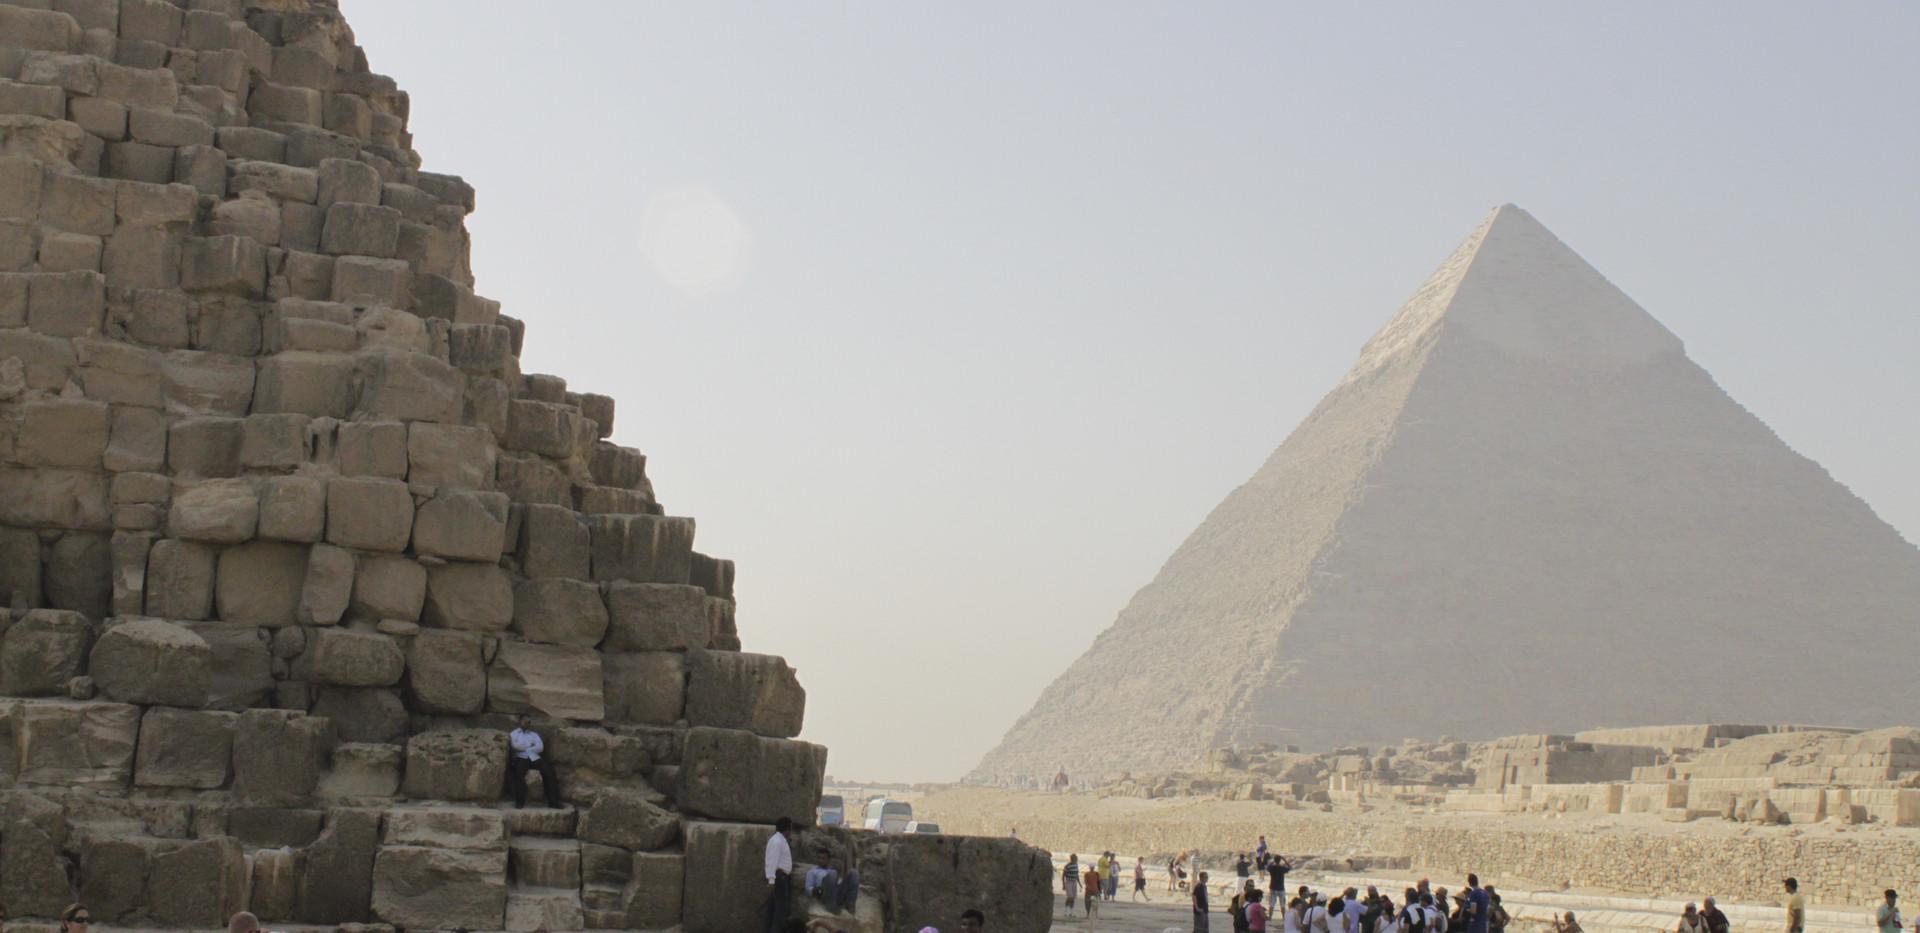 pyramids-of-giza-egypt_13873691184_o.jpg